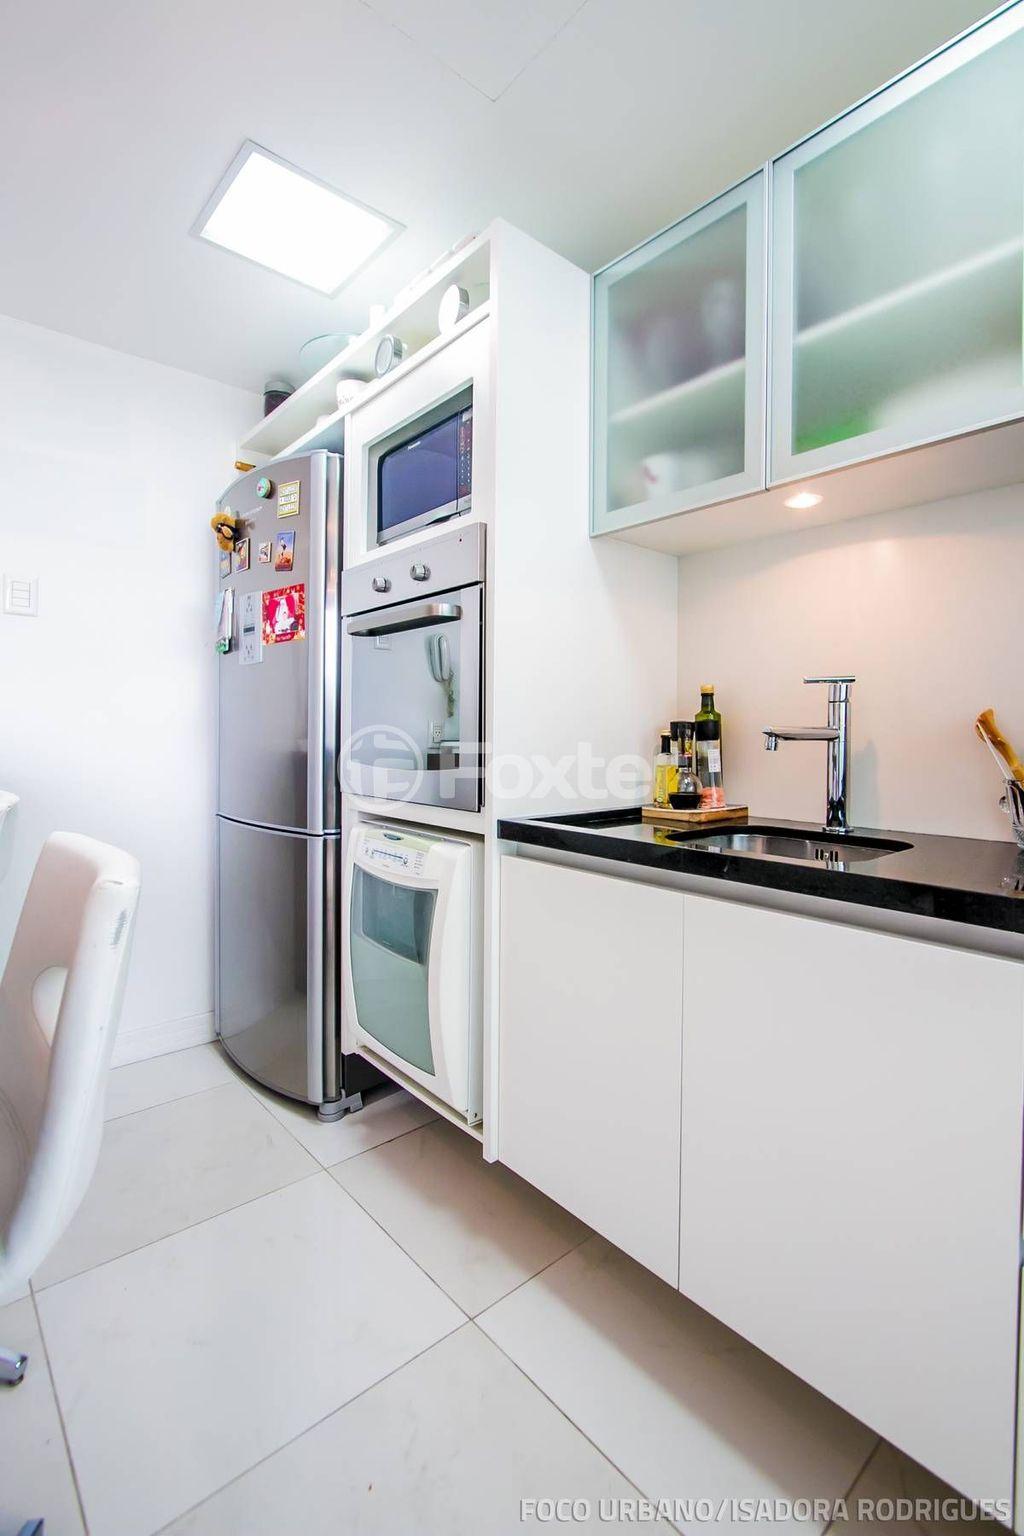 Foxter Imobiliária - Apto 2 Dorm, Vila Ipiranga - Foto 26